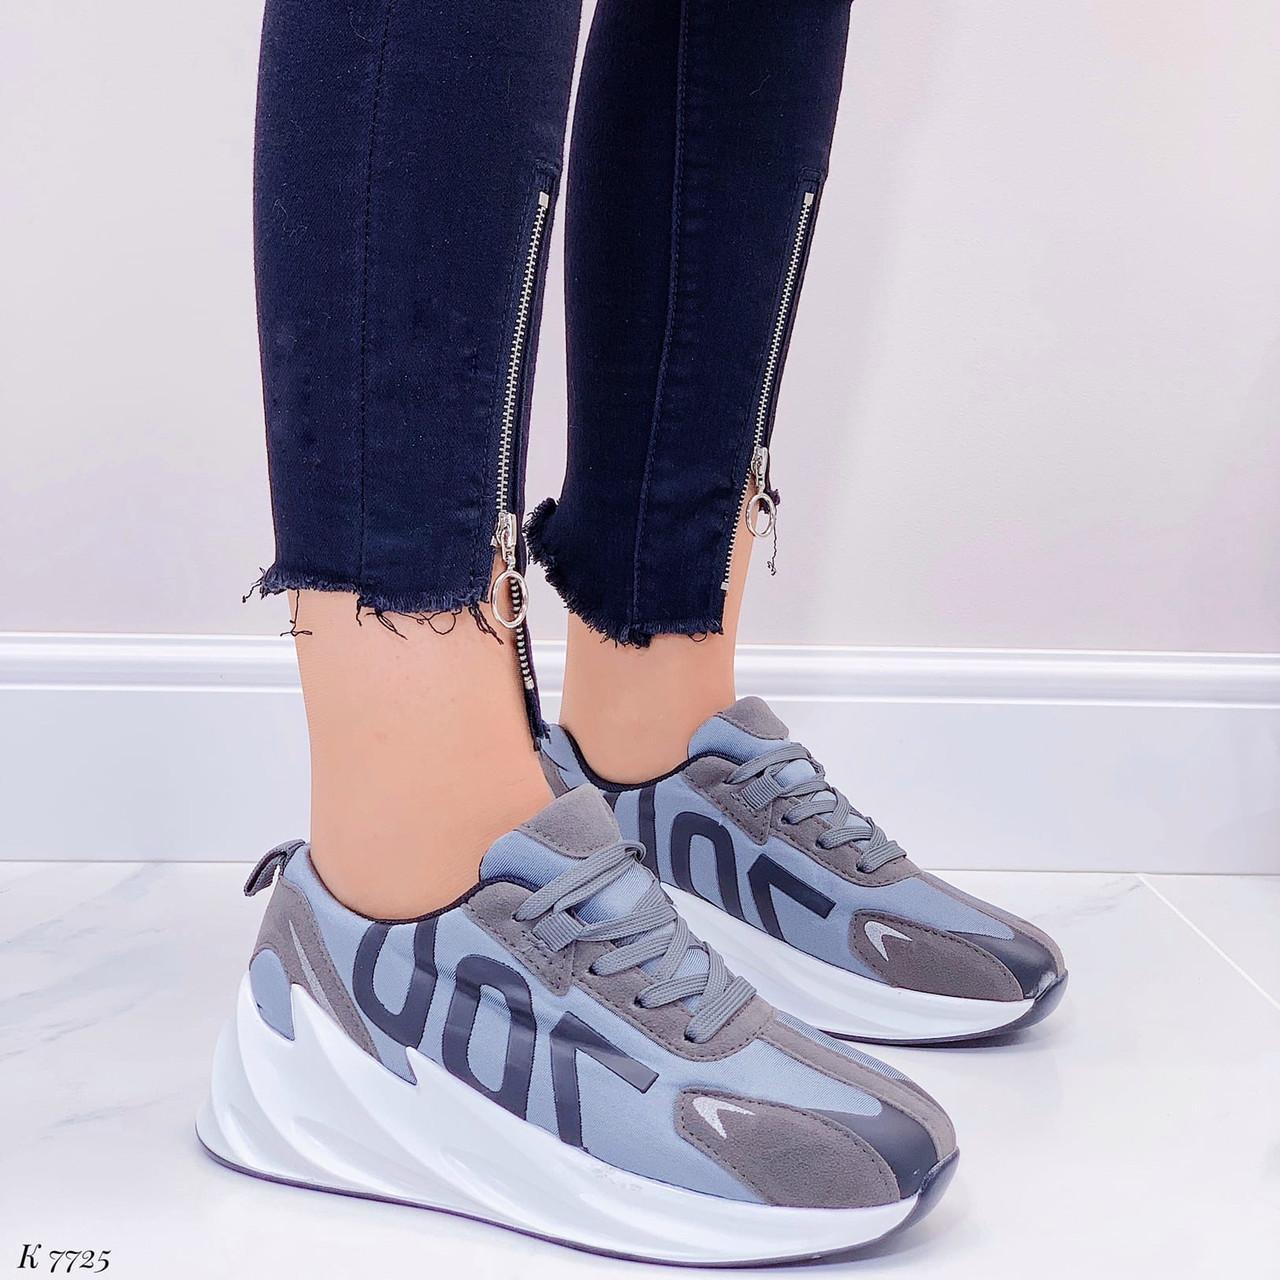 Кросівки жіночі сірі еко-замш + текстиль весна/ осінь підошва 6 см